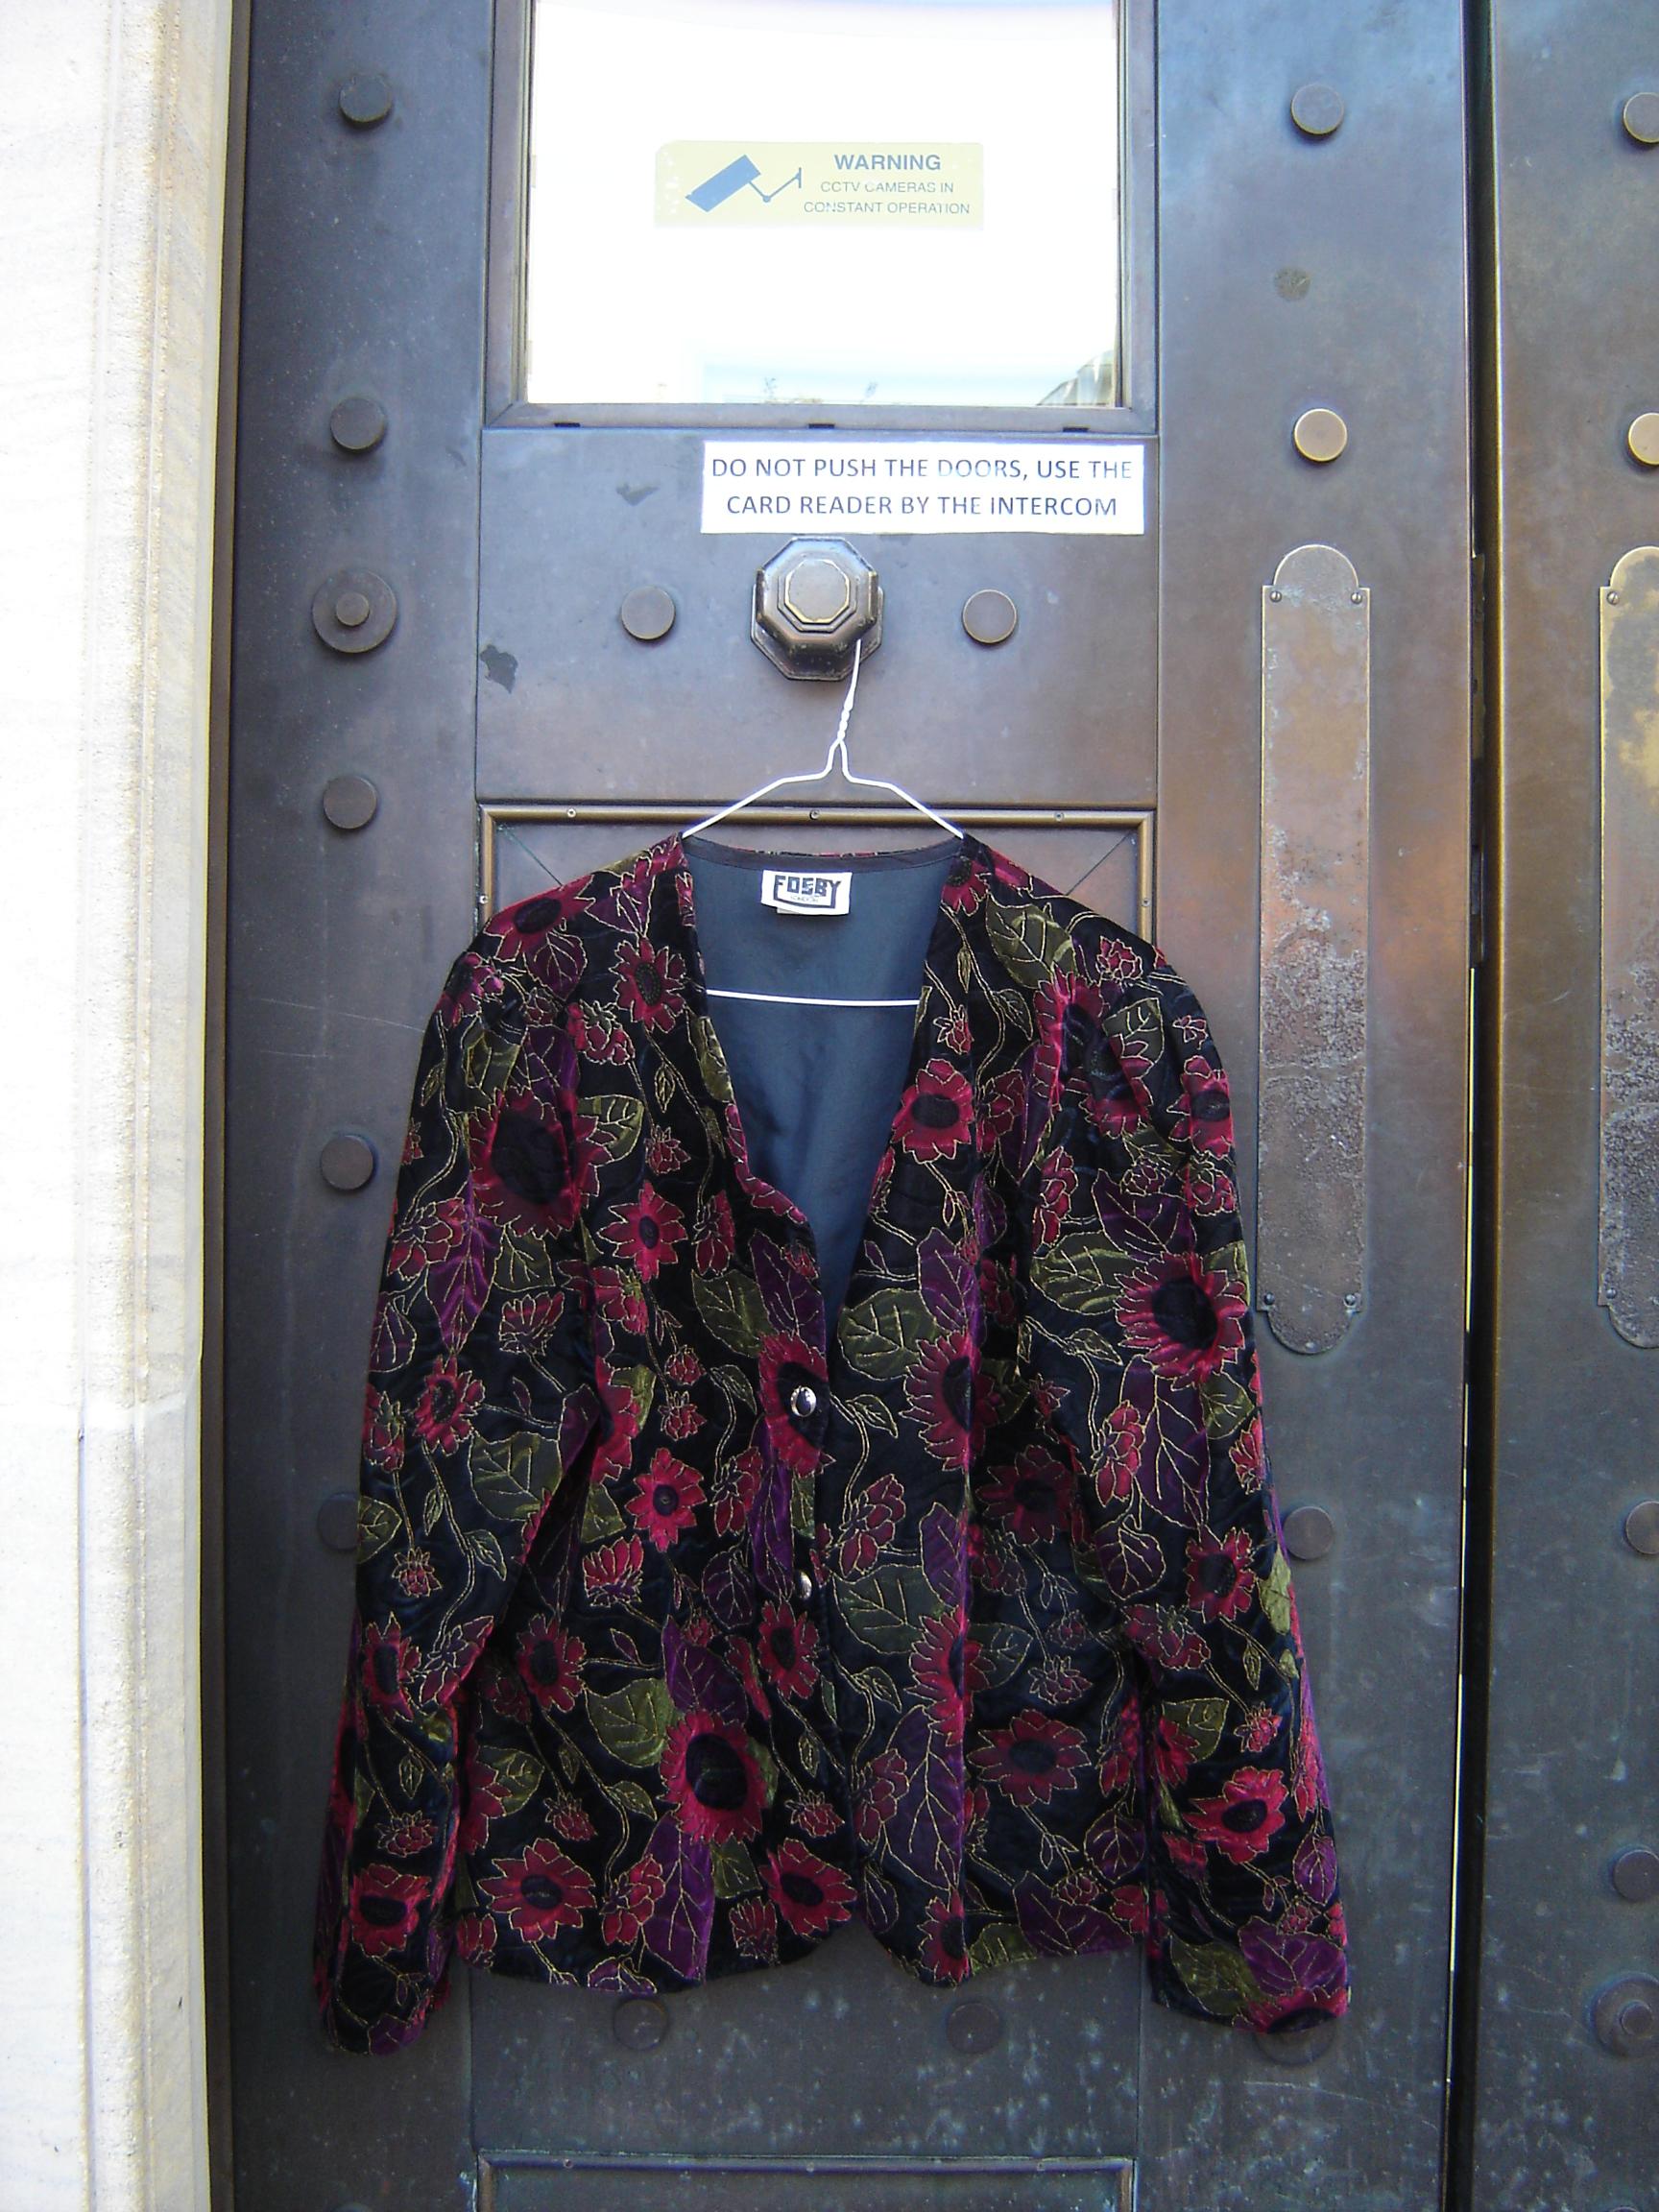 Fosby multicoloured velvet jacket, in Unicorn, 5 Ship Street, Oxford